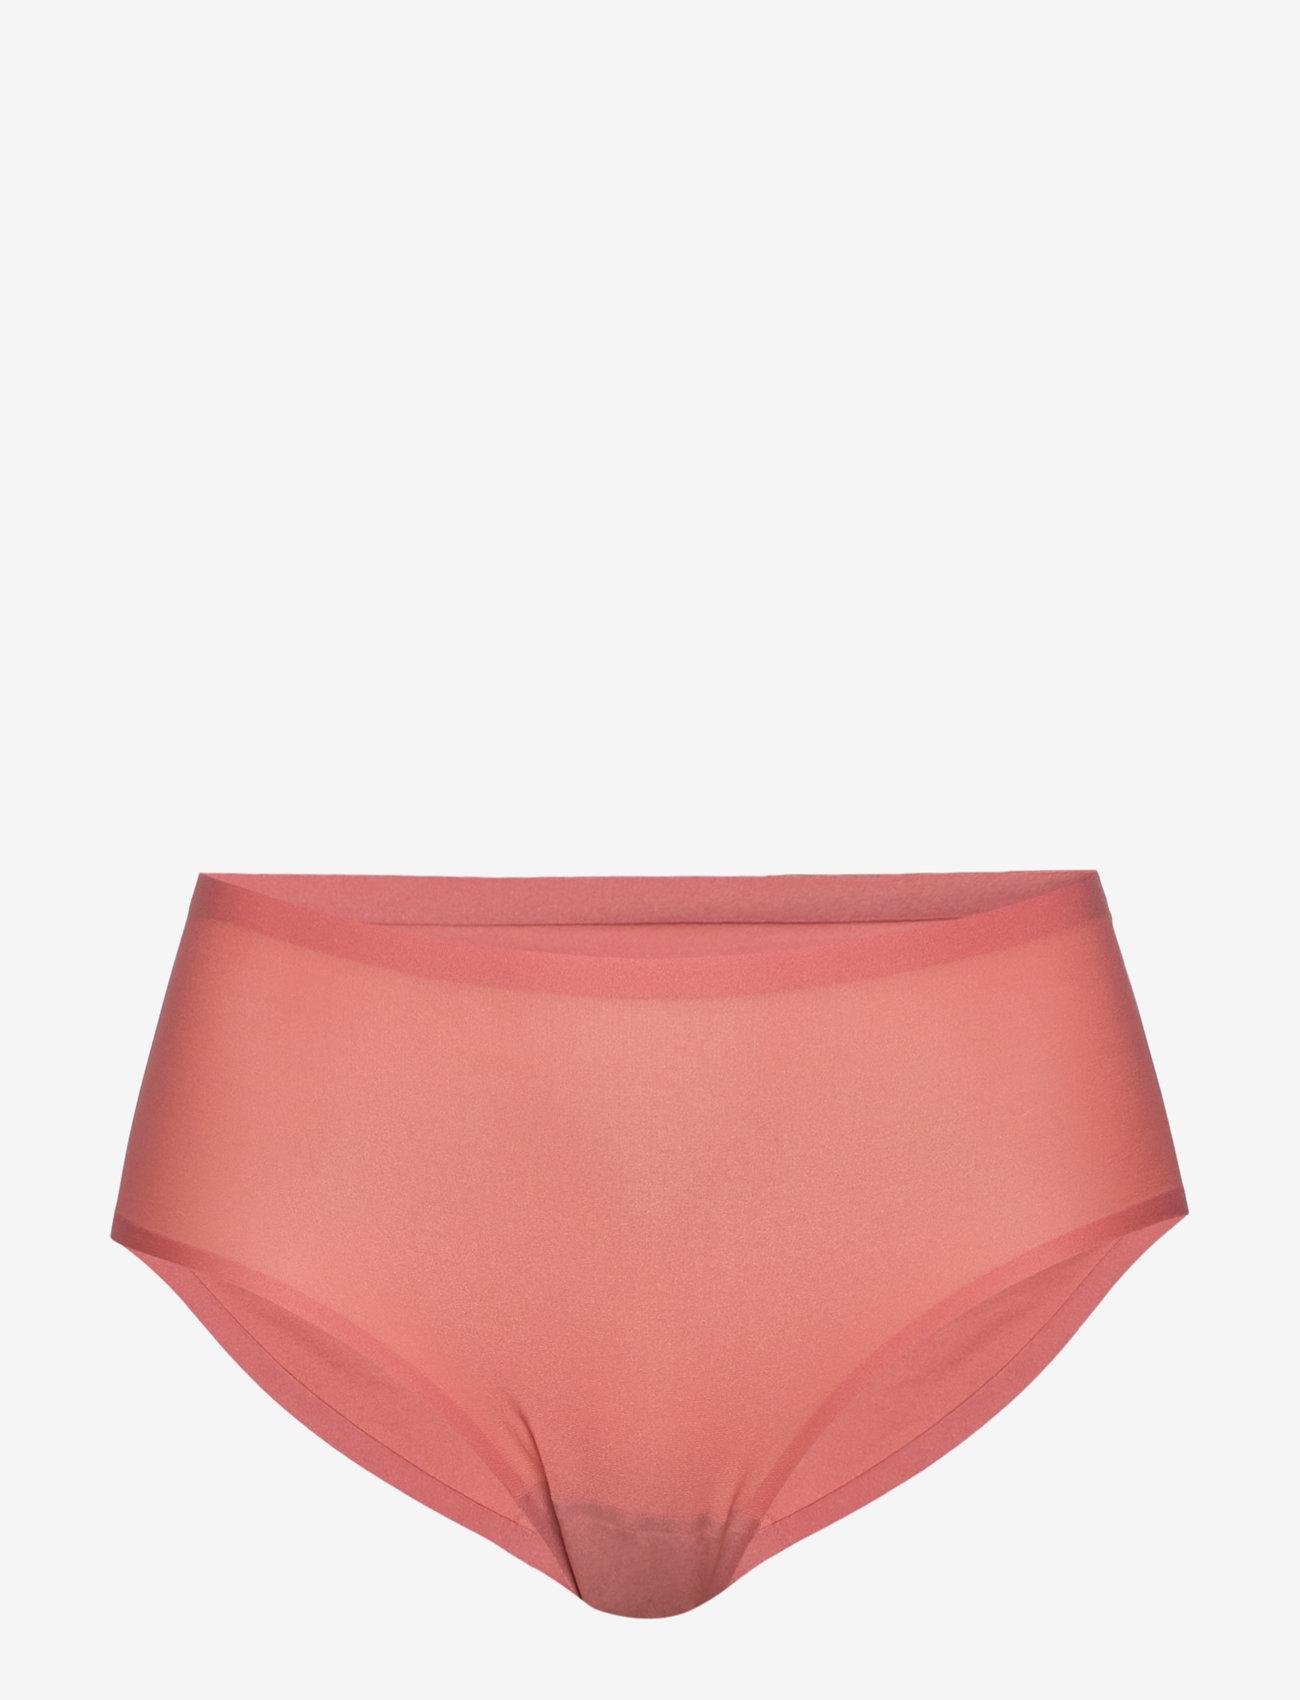 CHANTELLE - SOFT STRECH BOXER SHORT - culottes et slips - rose canyon - 0